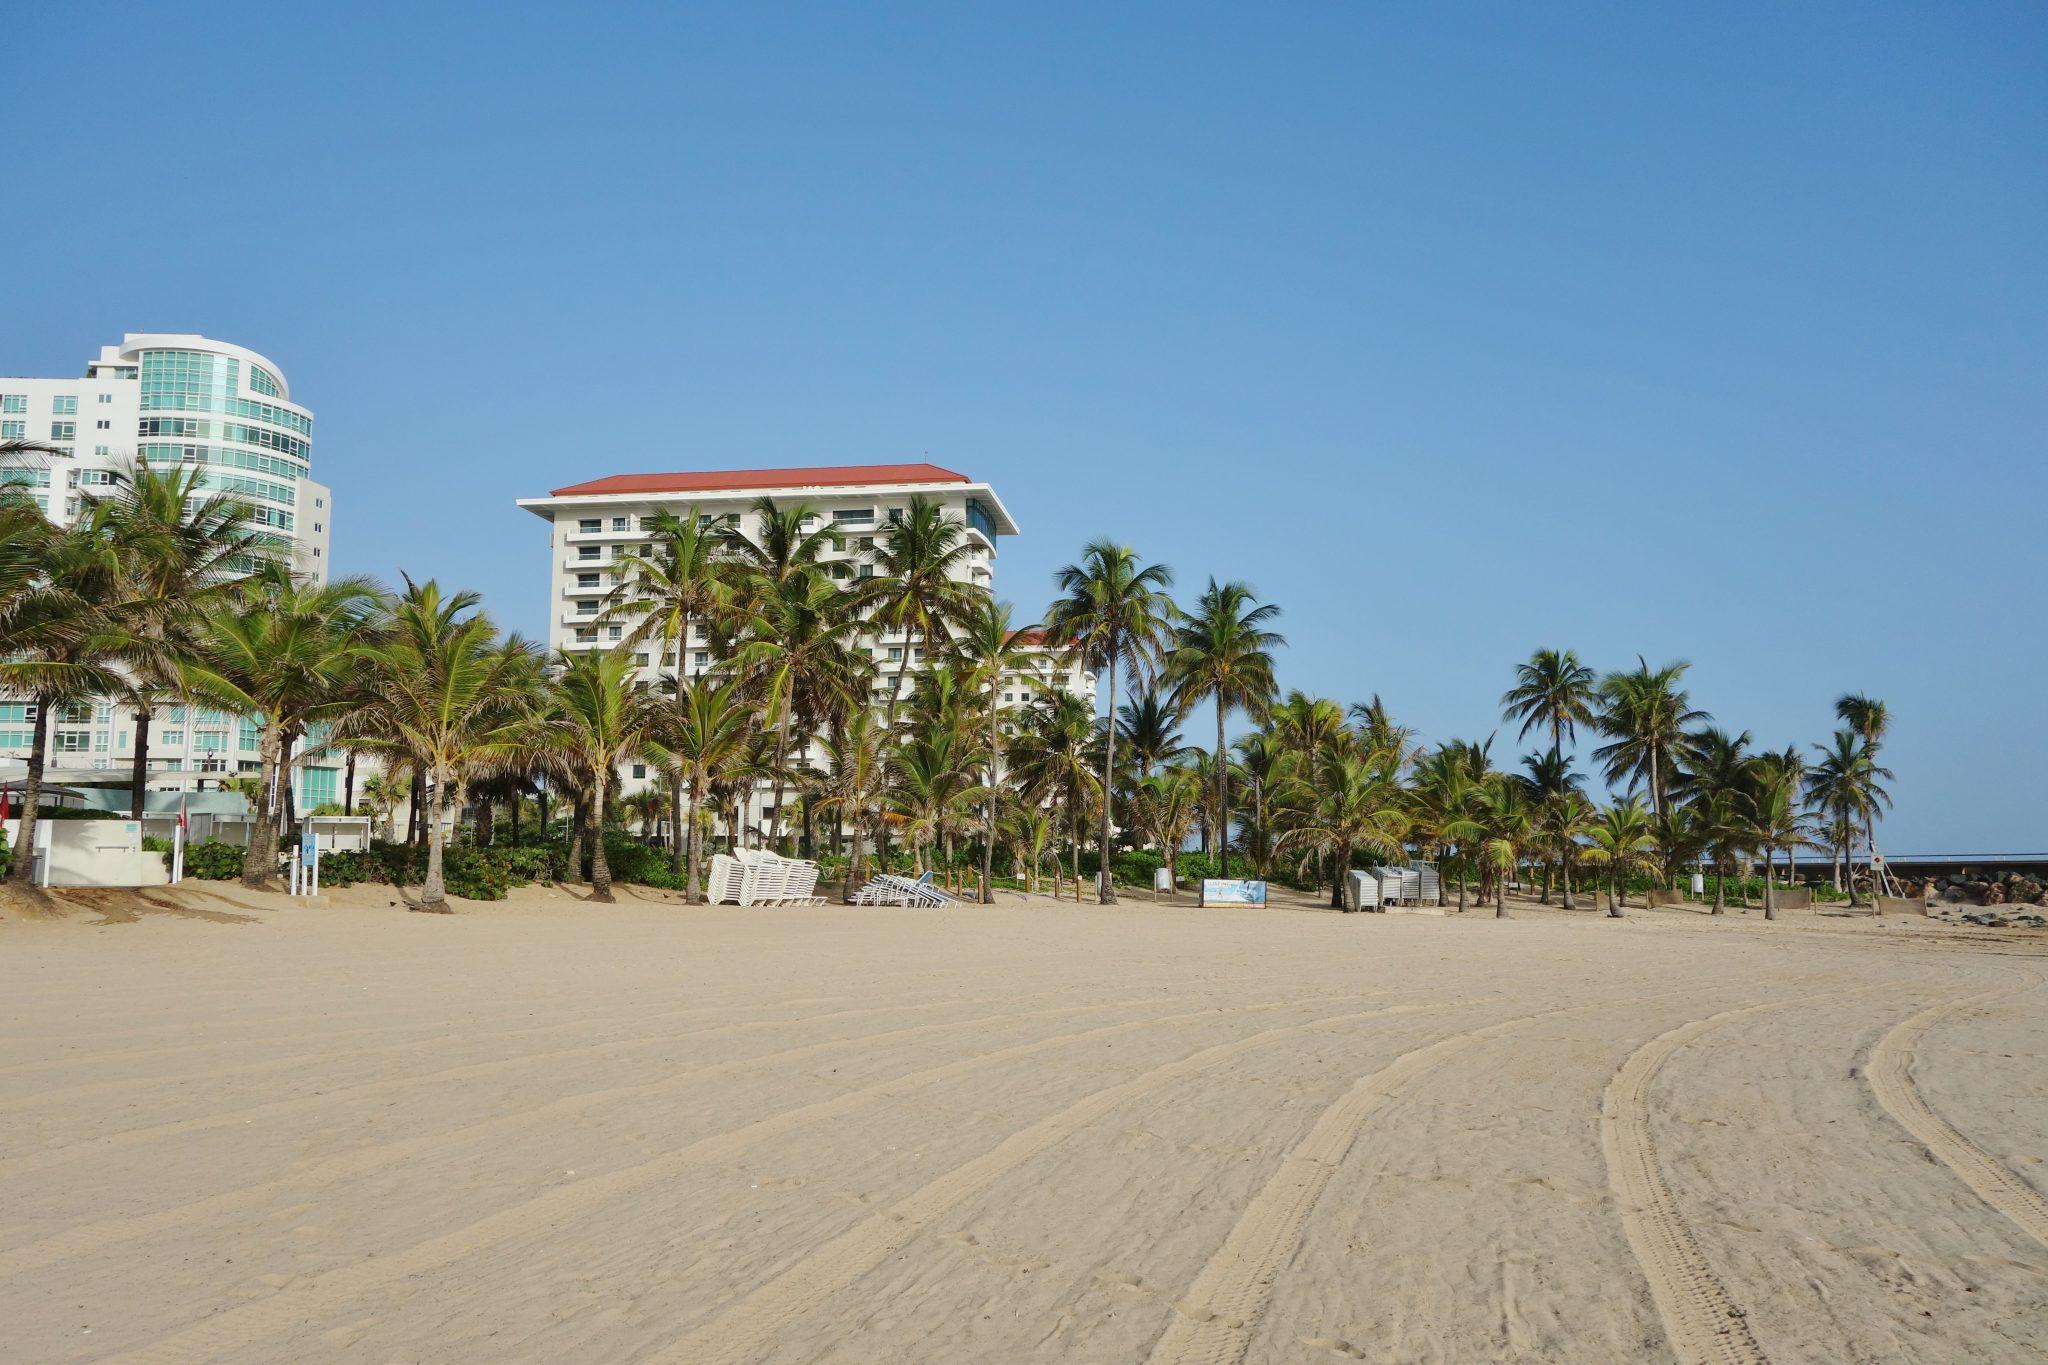 Best Things to do in San Juan